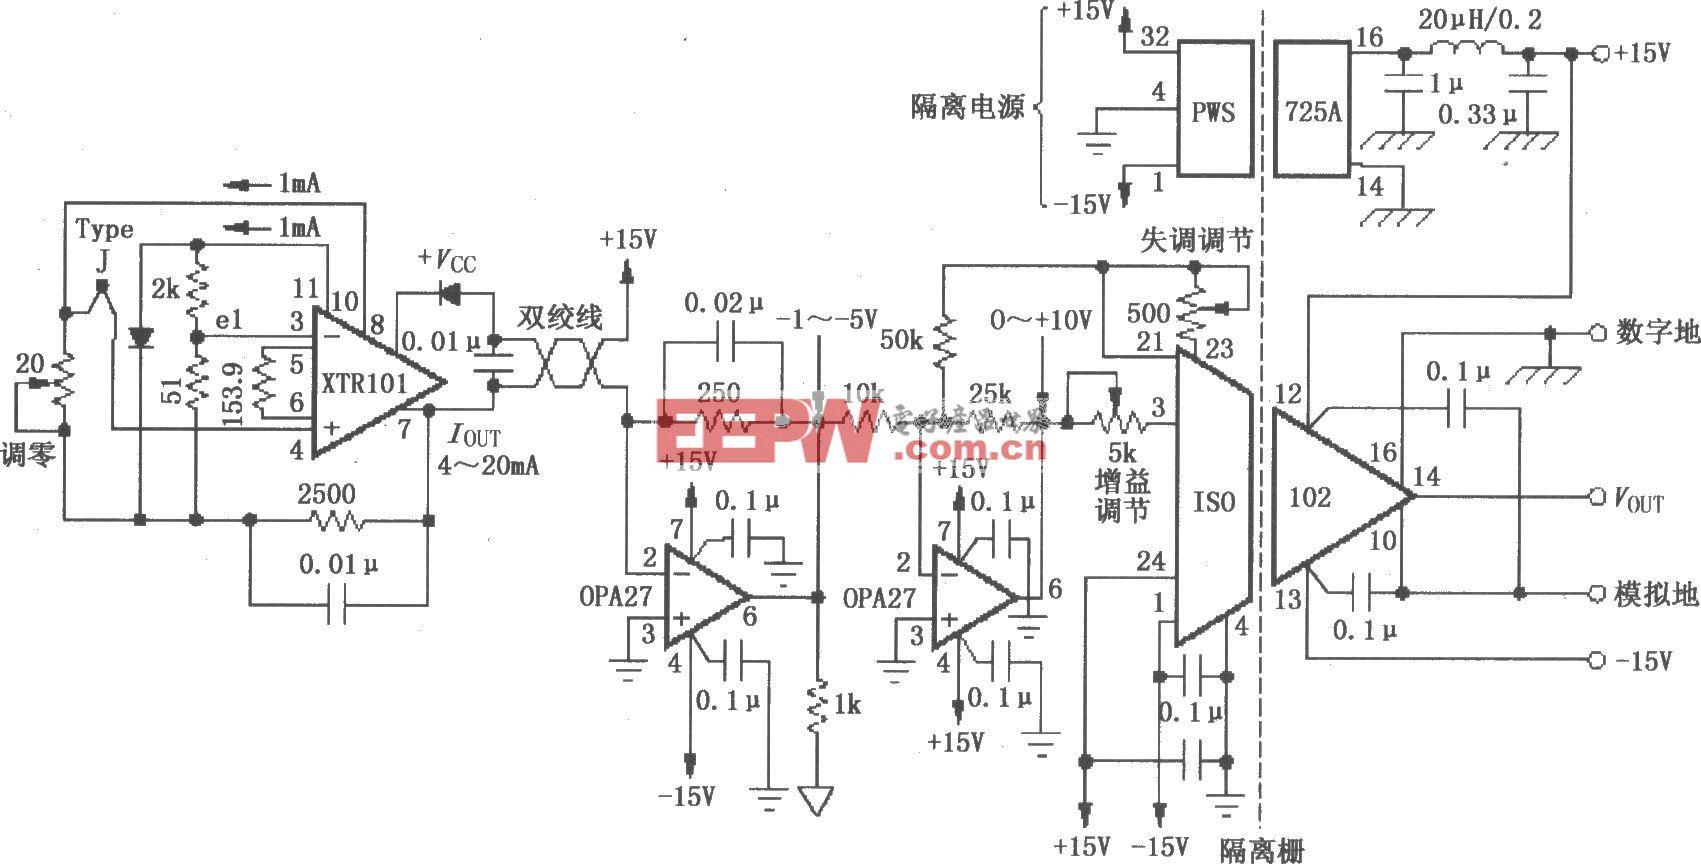 具有冷端补偿的远程隔离式热电偶变送电路(ISO102、XTR101)